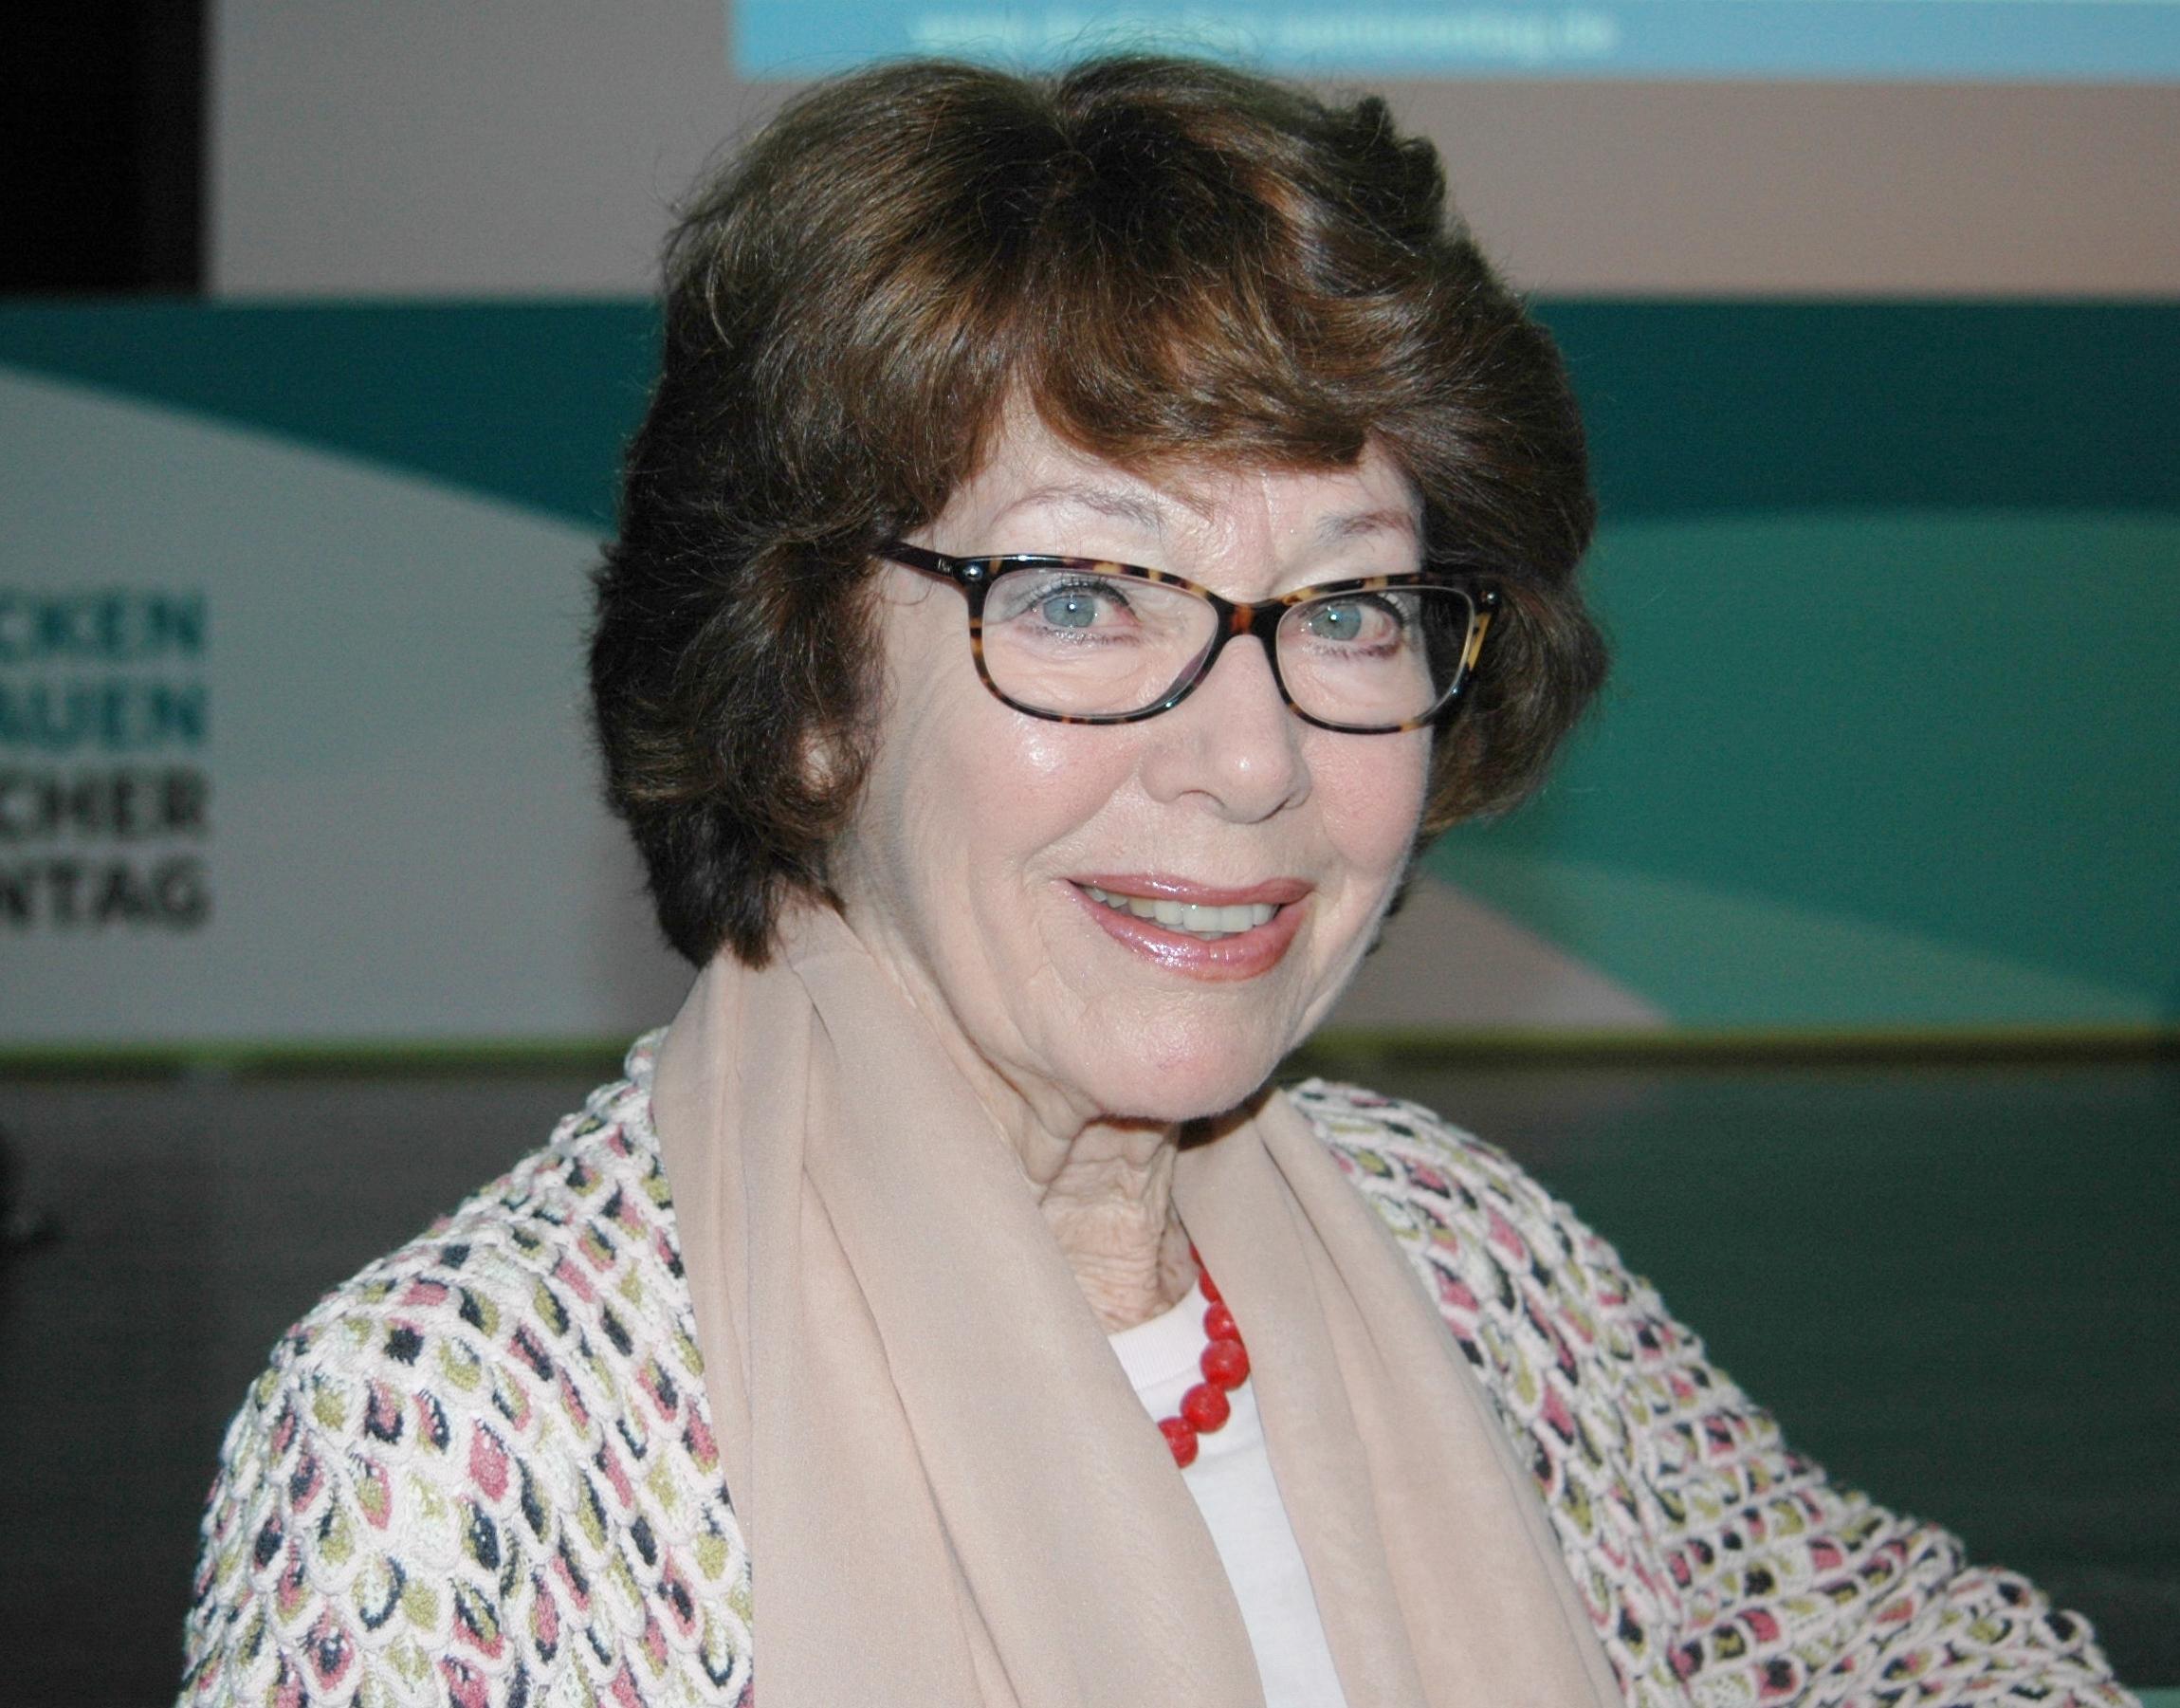 Marianne Koch – Wikipedia